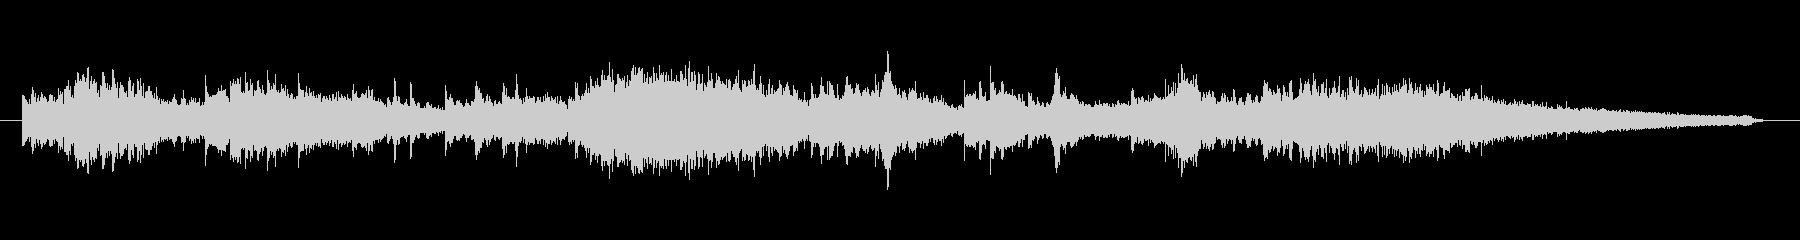 シンセサイザーの宇宙的な音の未再生の波形